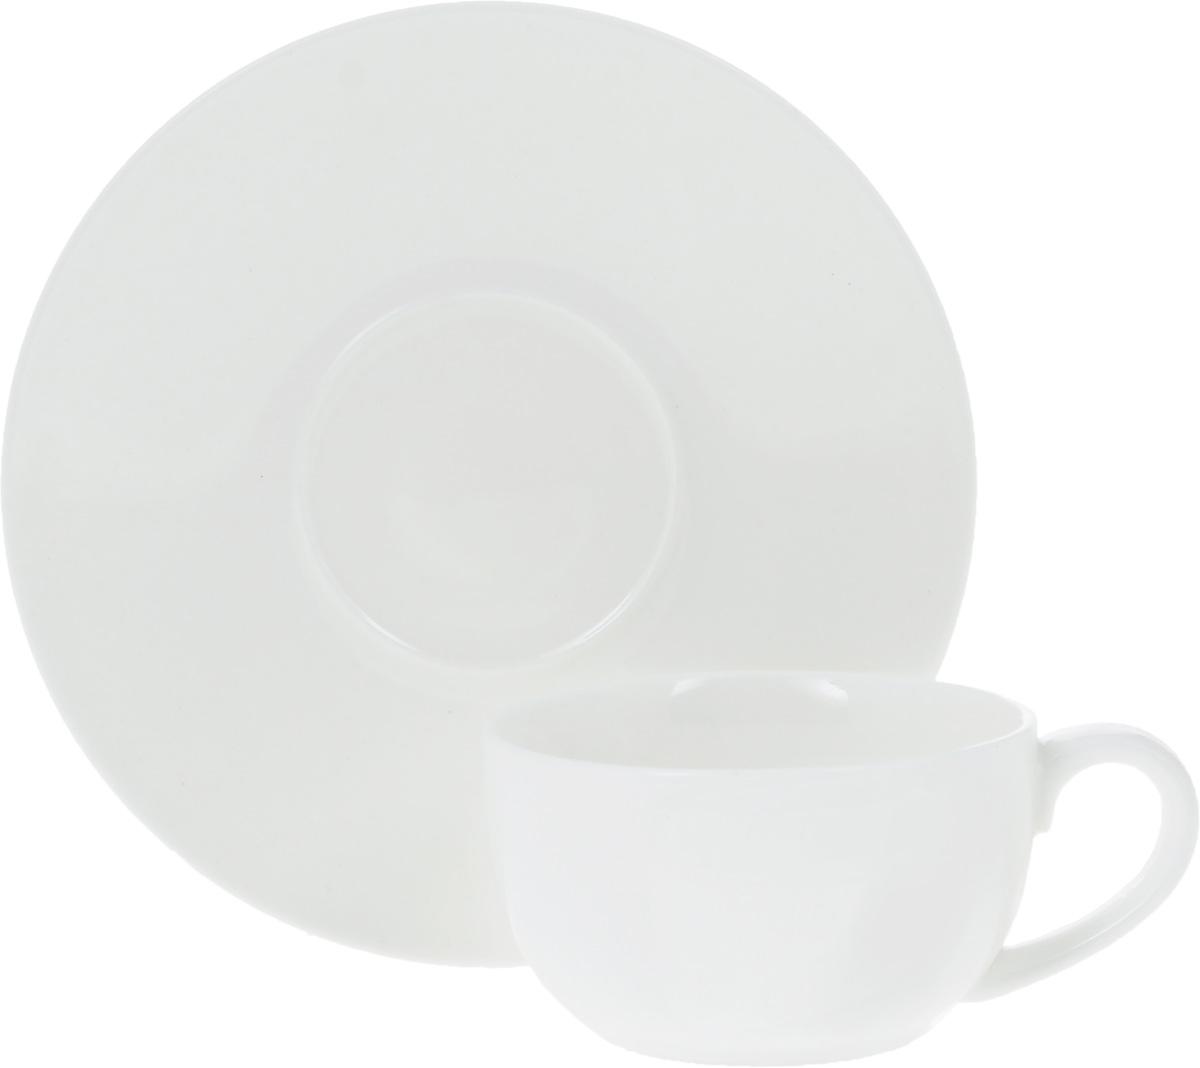 Чайная пара Wilmax, 2 предмета507779Чайная пара Wilmax состоит из чашки и блюдца, выполненных из высококачественного фарфора и оформленных в классическом стиле. Оригинальный дизайн, несомненно, придется вам по вкусу. Чайная пара Wilmax украсит ваш кухонный стол, а также станет замечательным подарком к любому празднику.Объем чашки: 250 мл.Диаметр чашки (по верхнему краю): 9,5 см.Диаметр дна чашки: 4,5 см.Высота чашки: 6 см.Диаметр блюдца: 15 см.